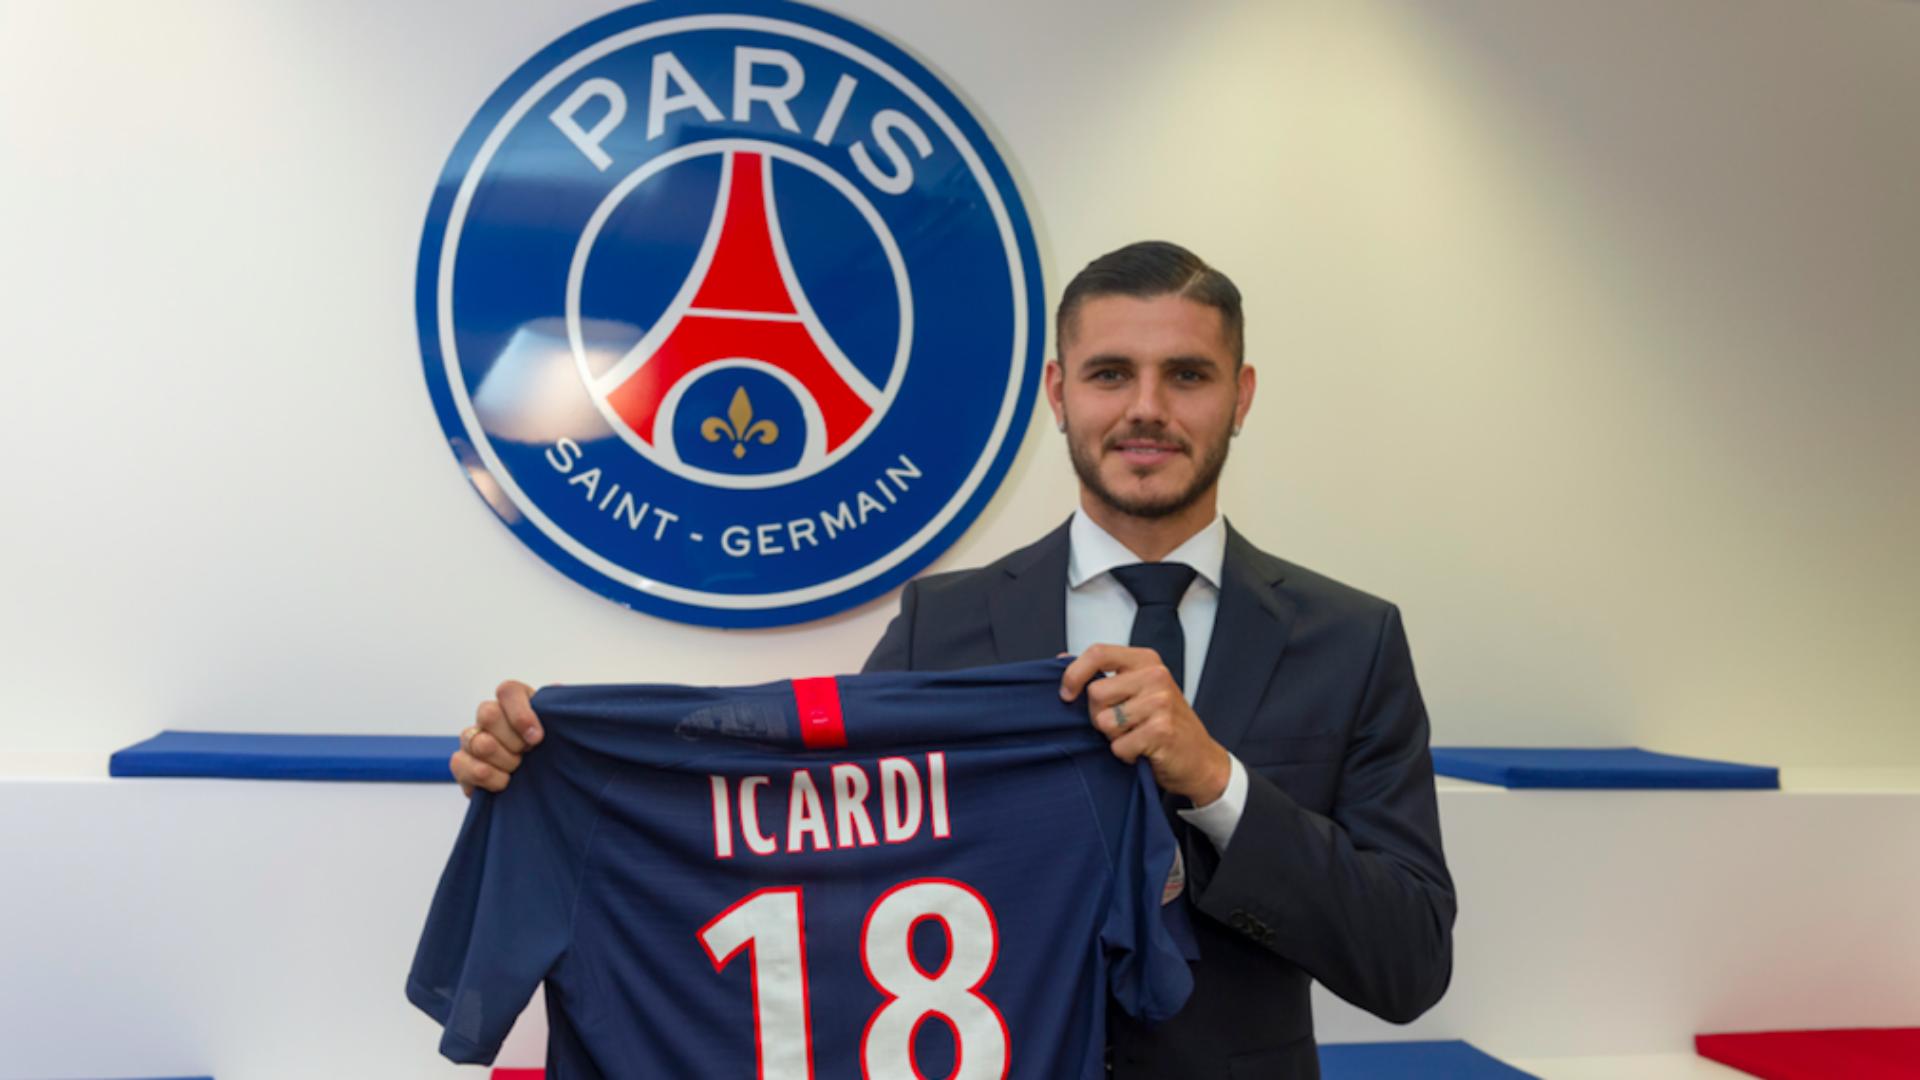 Mercato - Officiel : Mauro Icardi prêté au PSG avec option d'achat